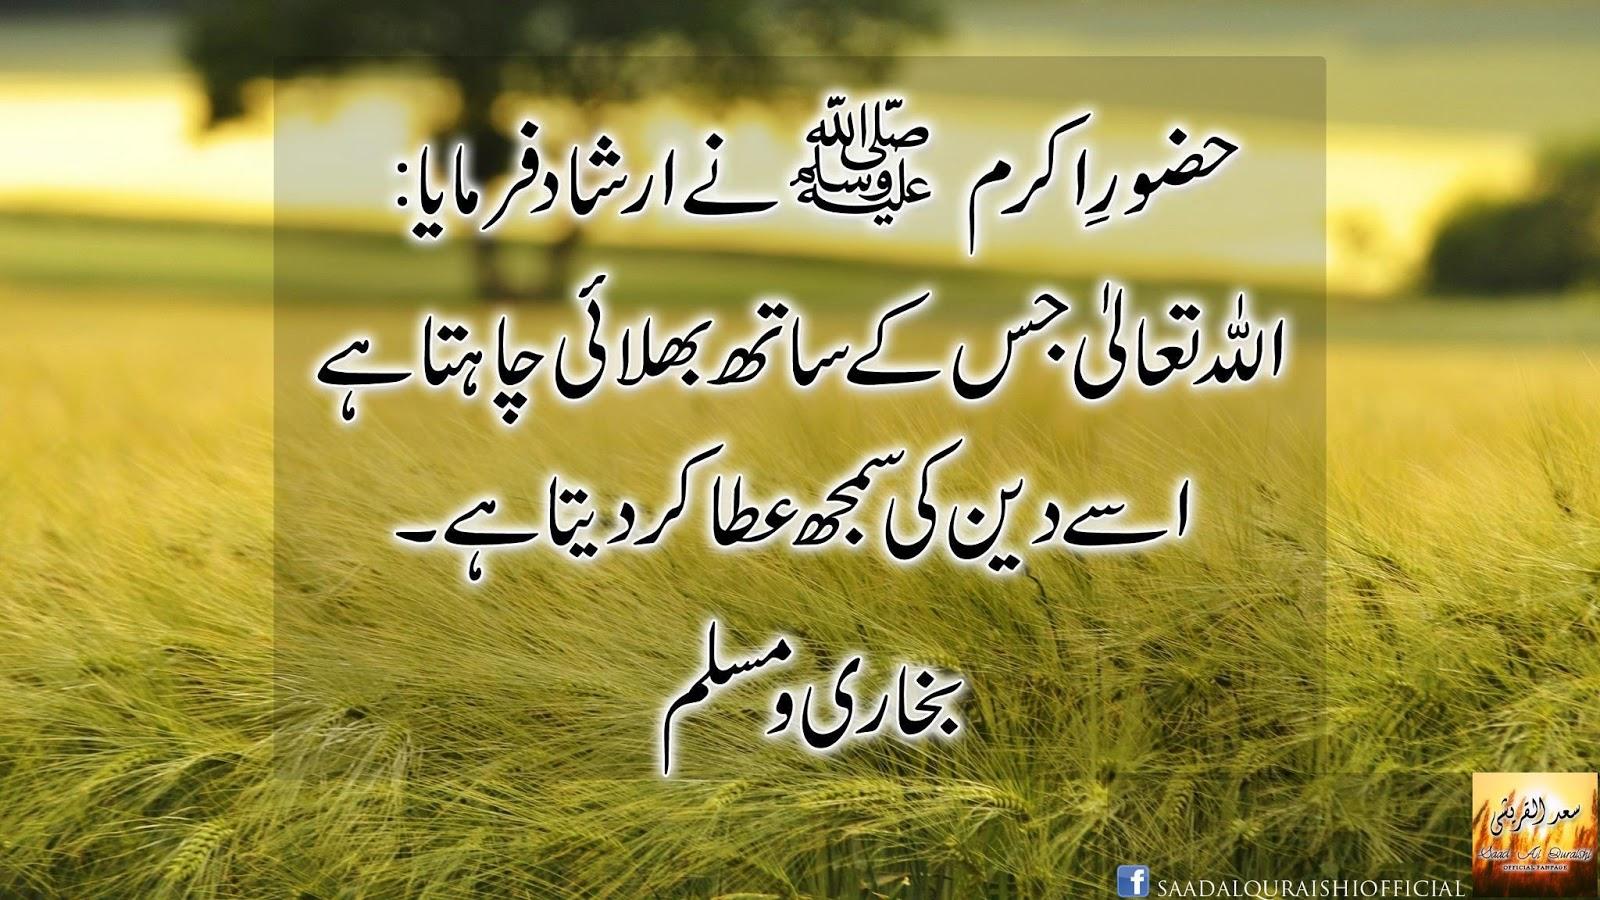 Milawat in urdu essay